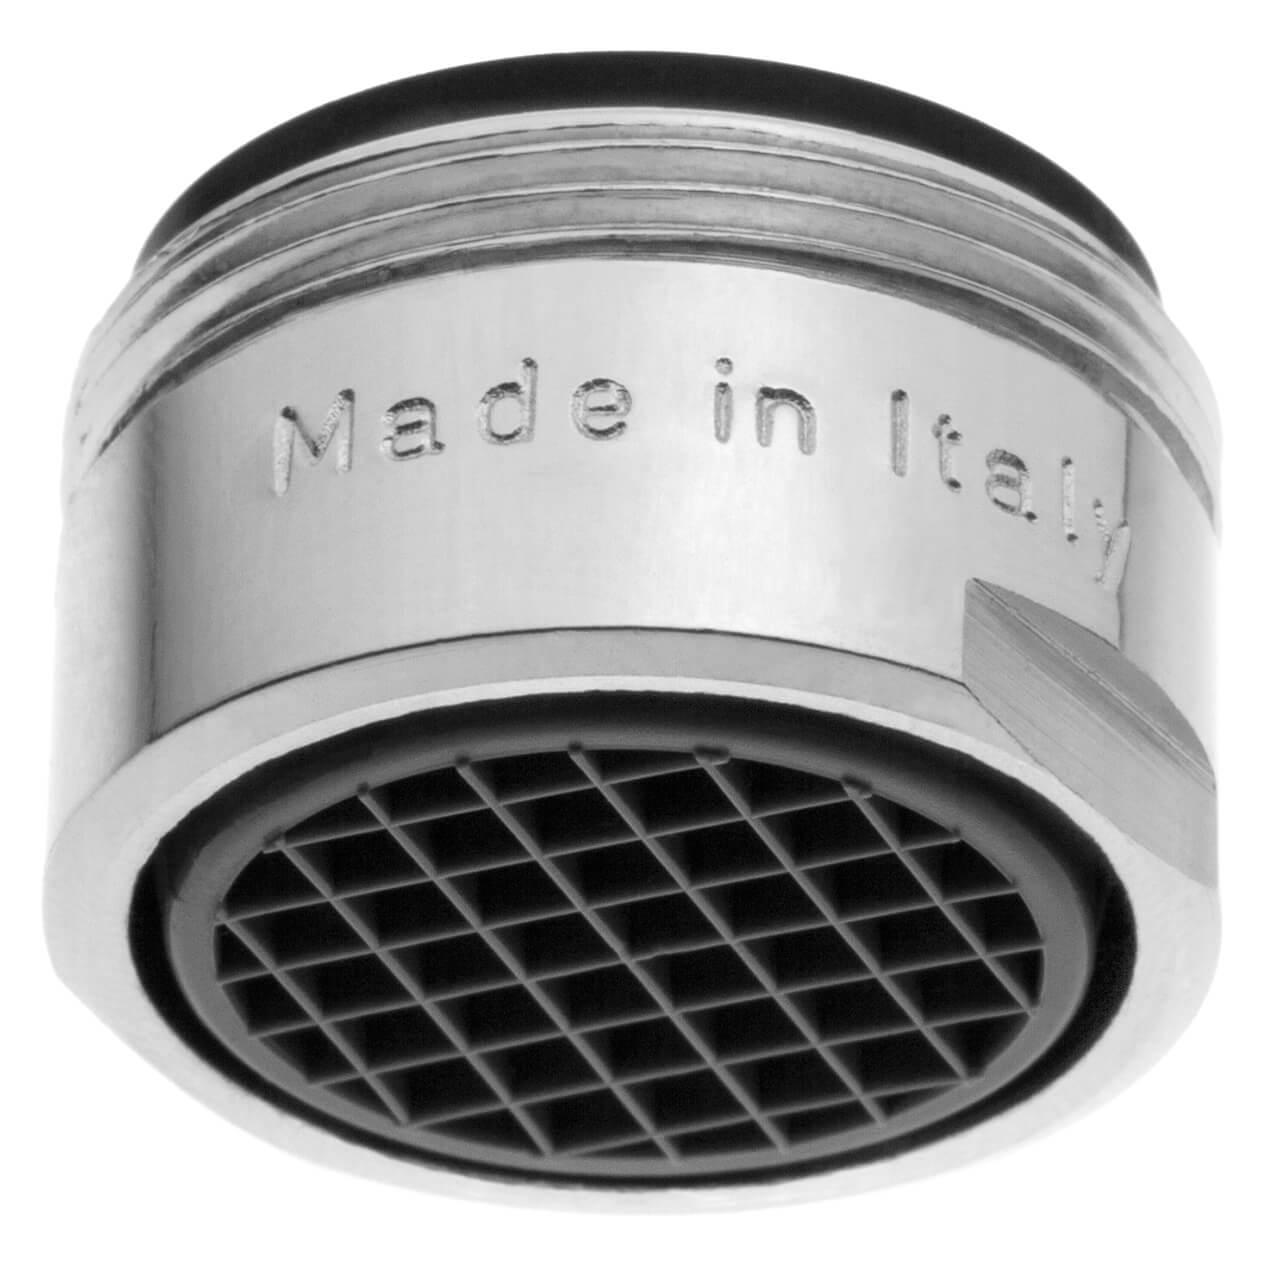 Aireador de ahorro de agua Terla FreeLime 2.5 l/min - Rosca M24x1 externa - más popular